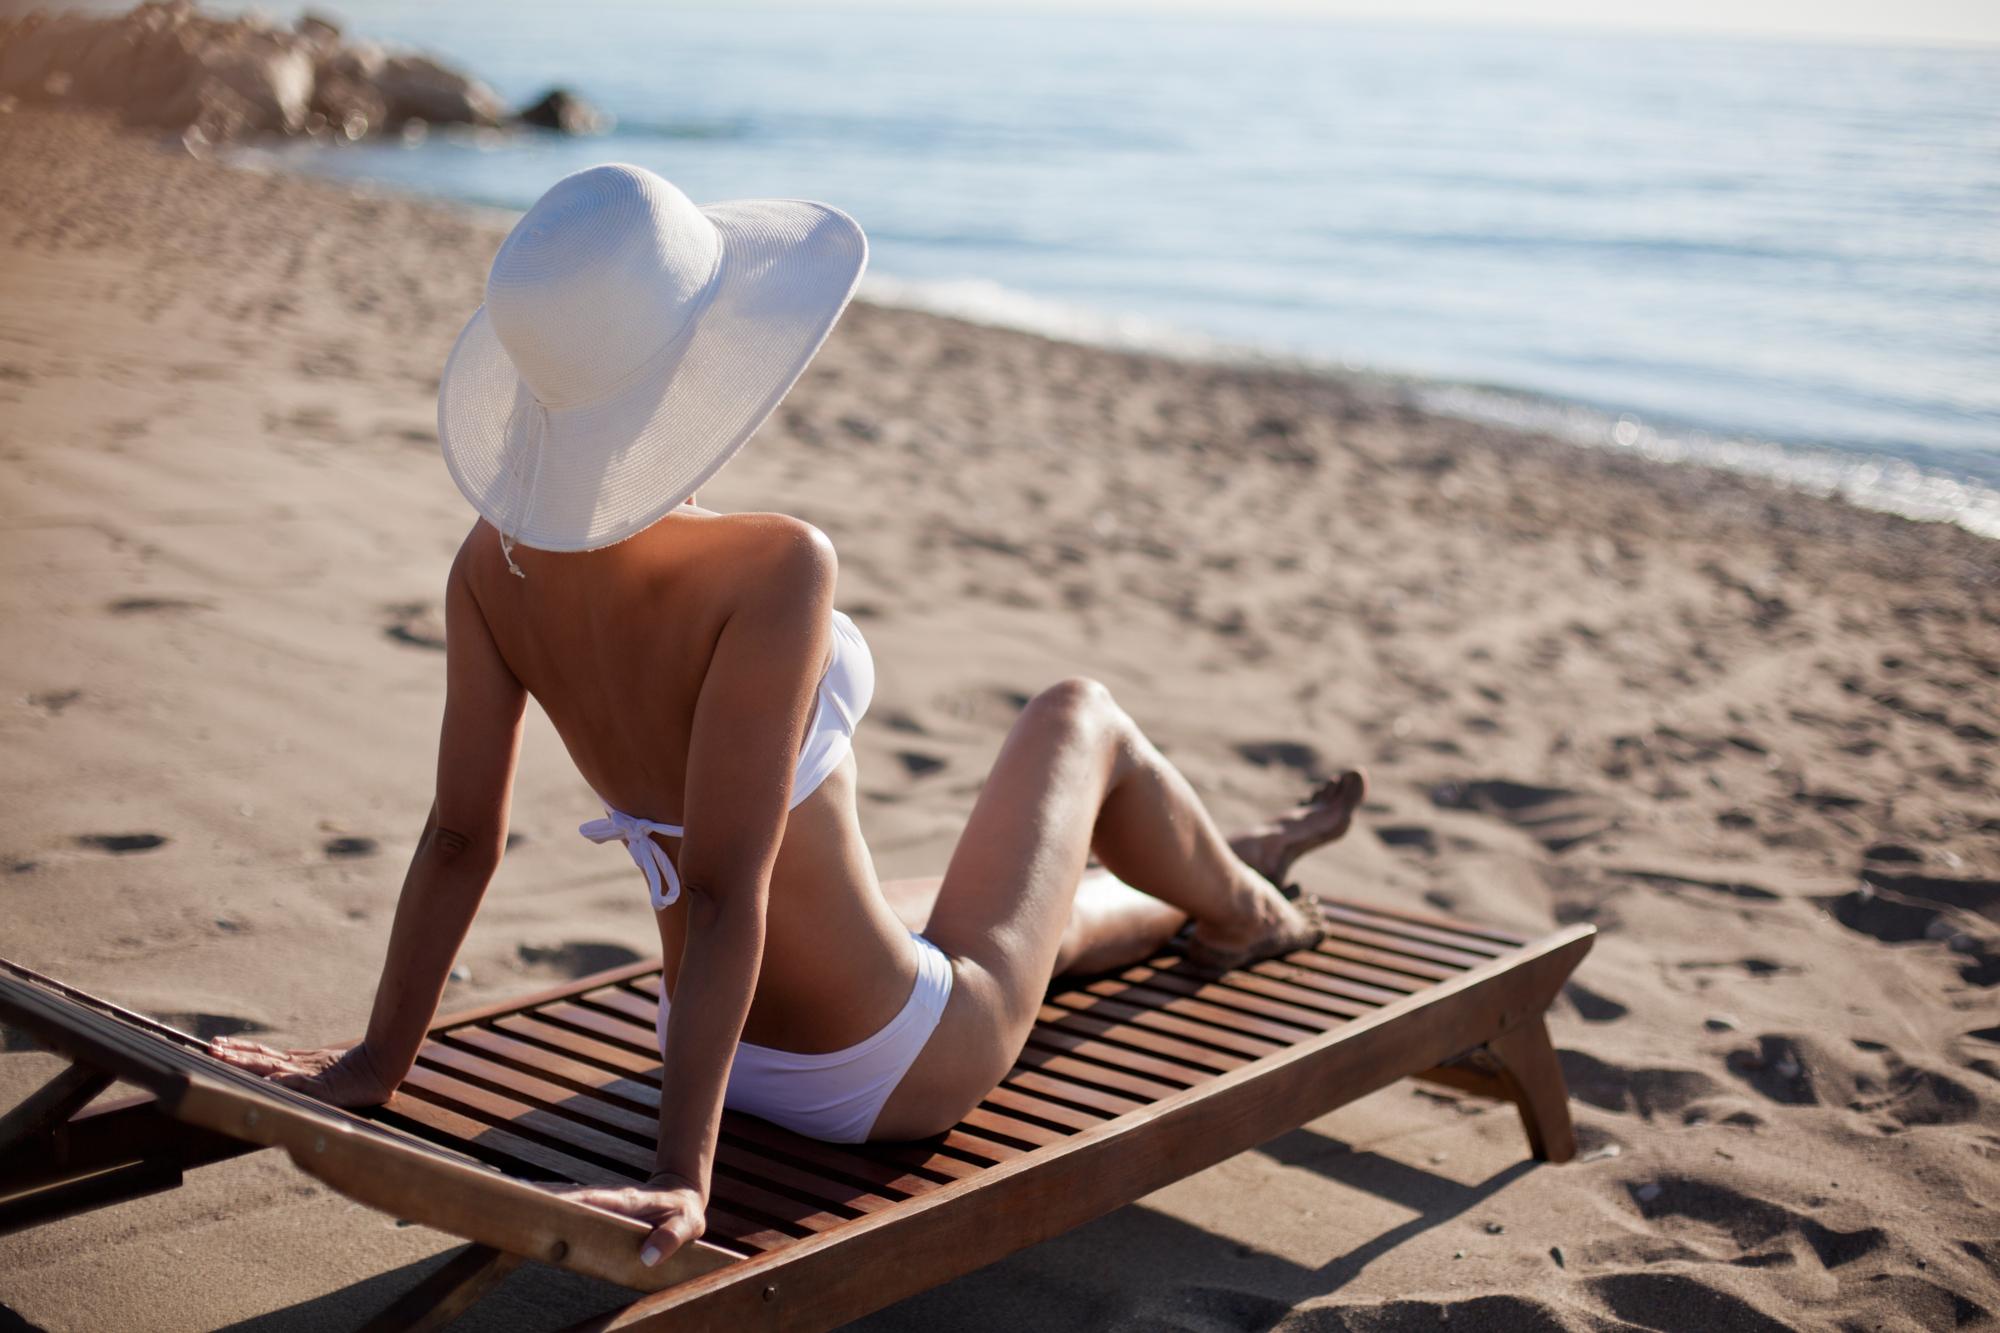 Солнечный ожог: что делать и чем лечить?